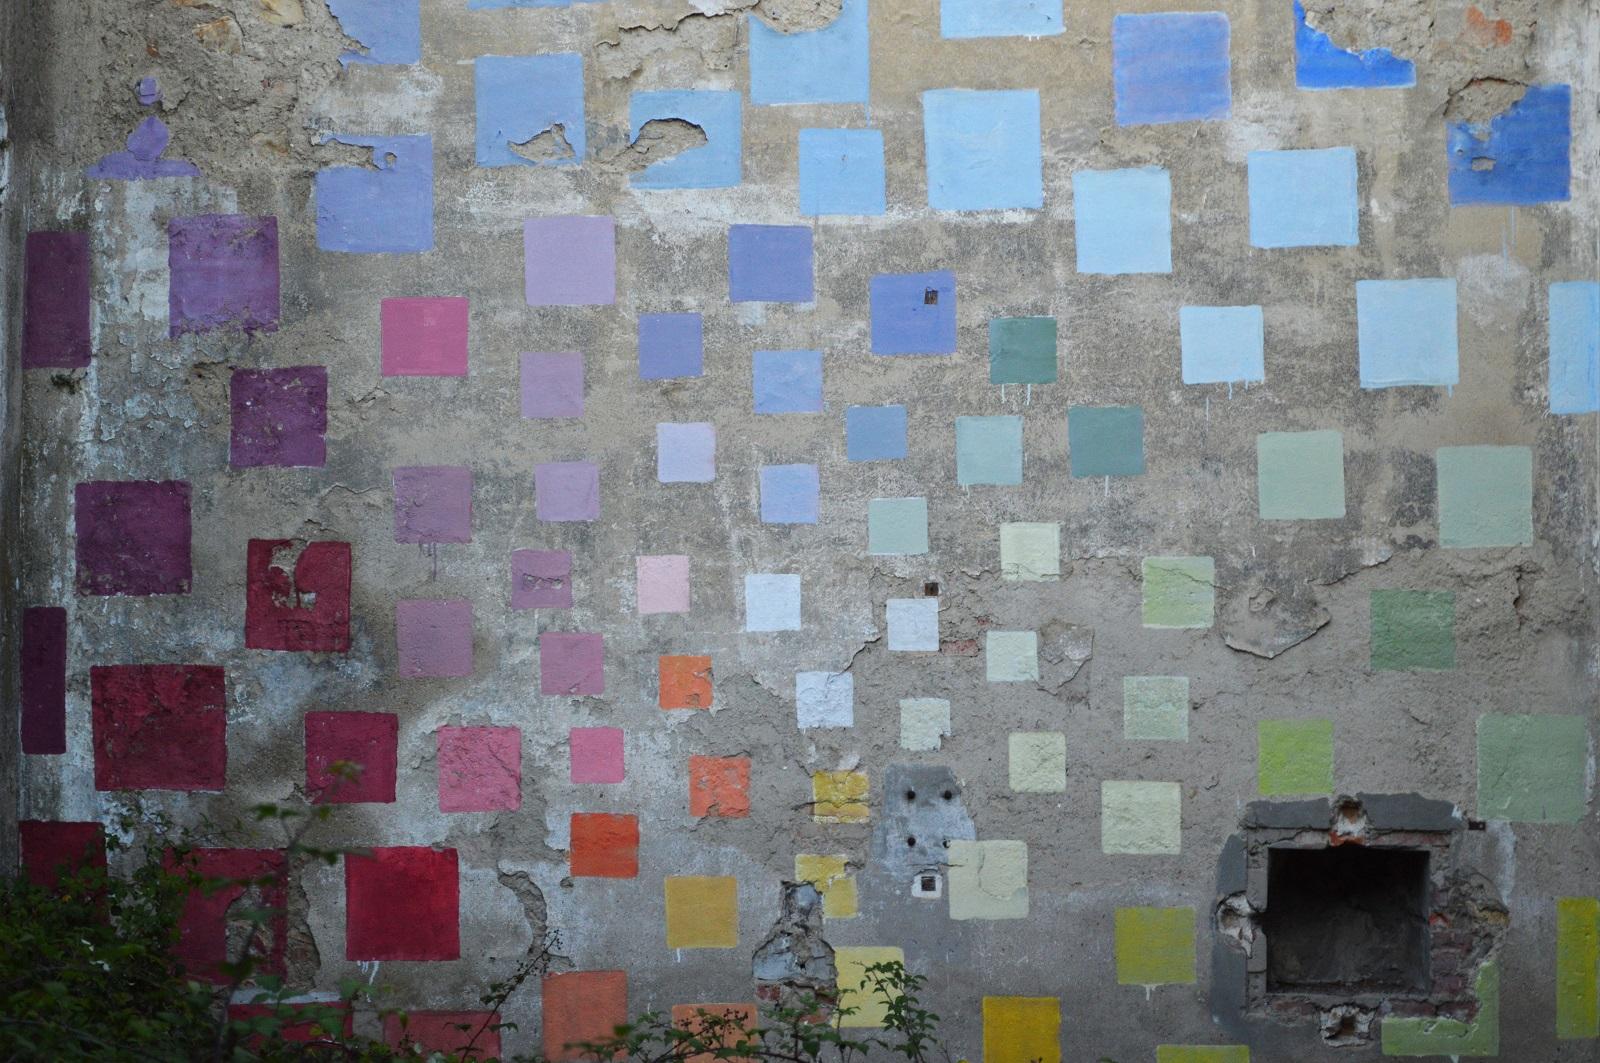 alberonero-new-mural-in-prato-03